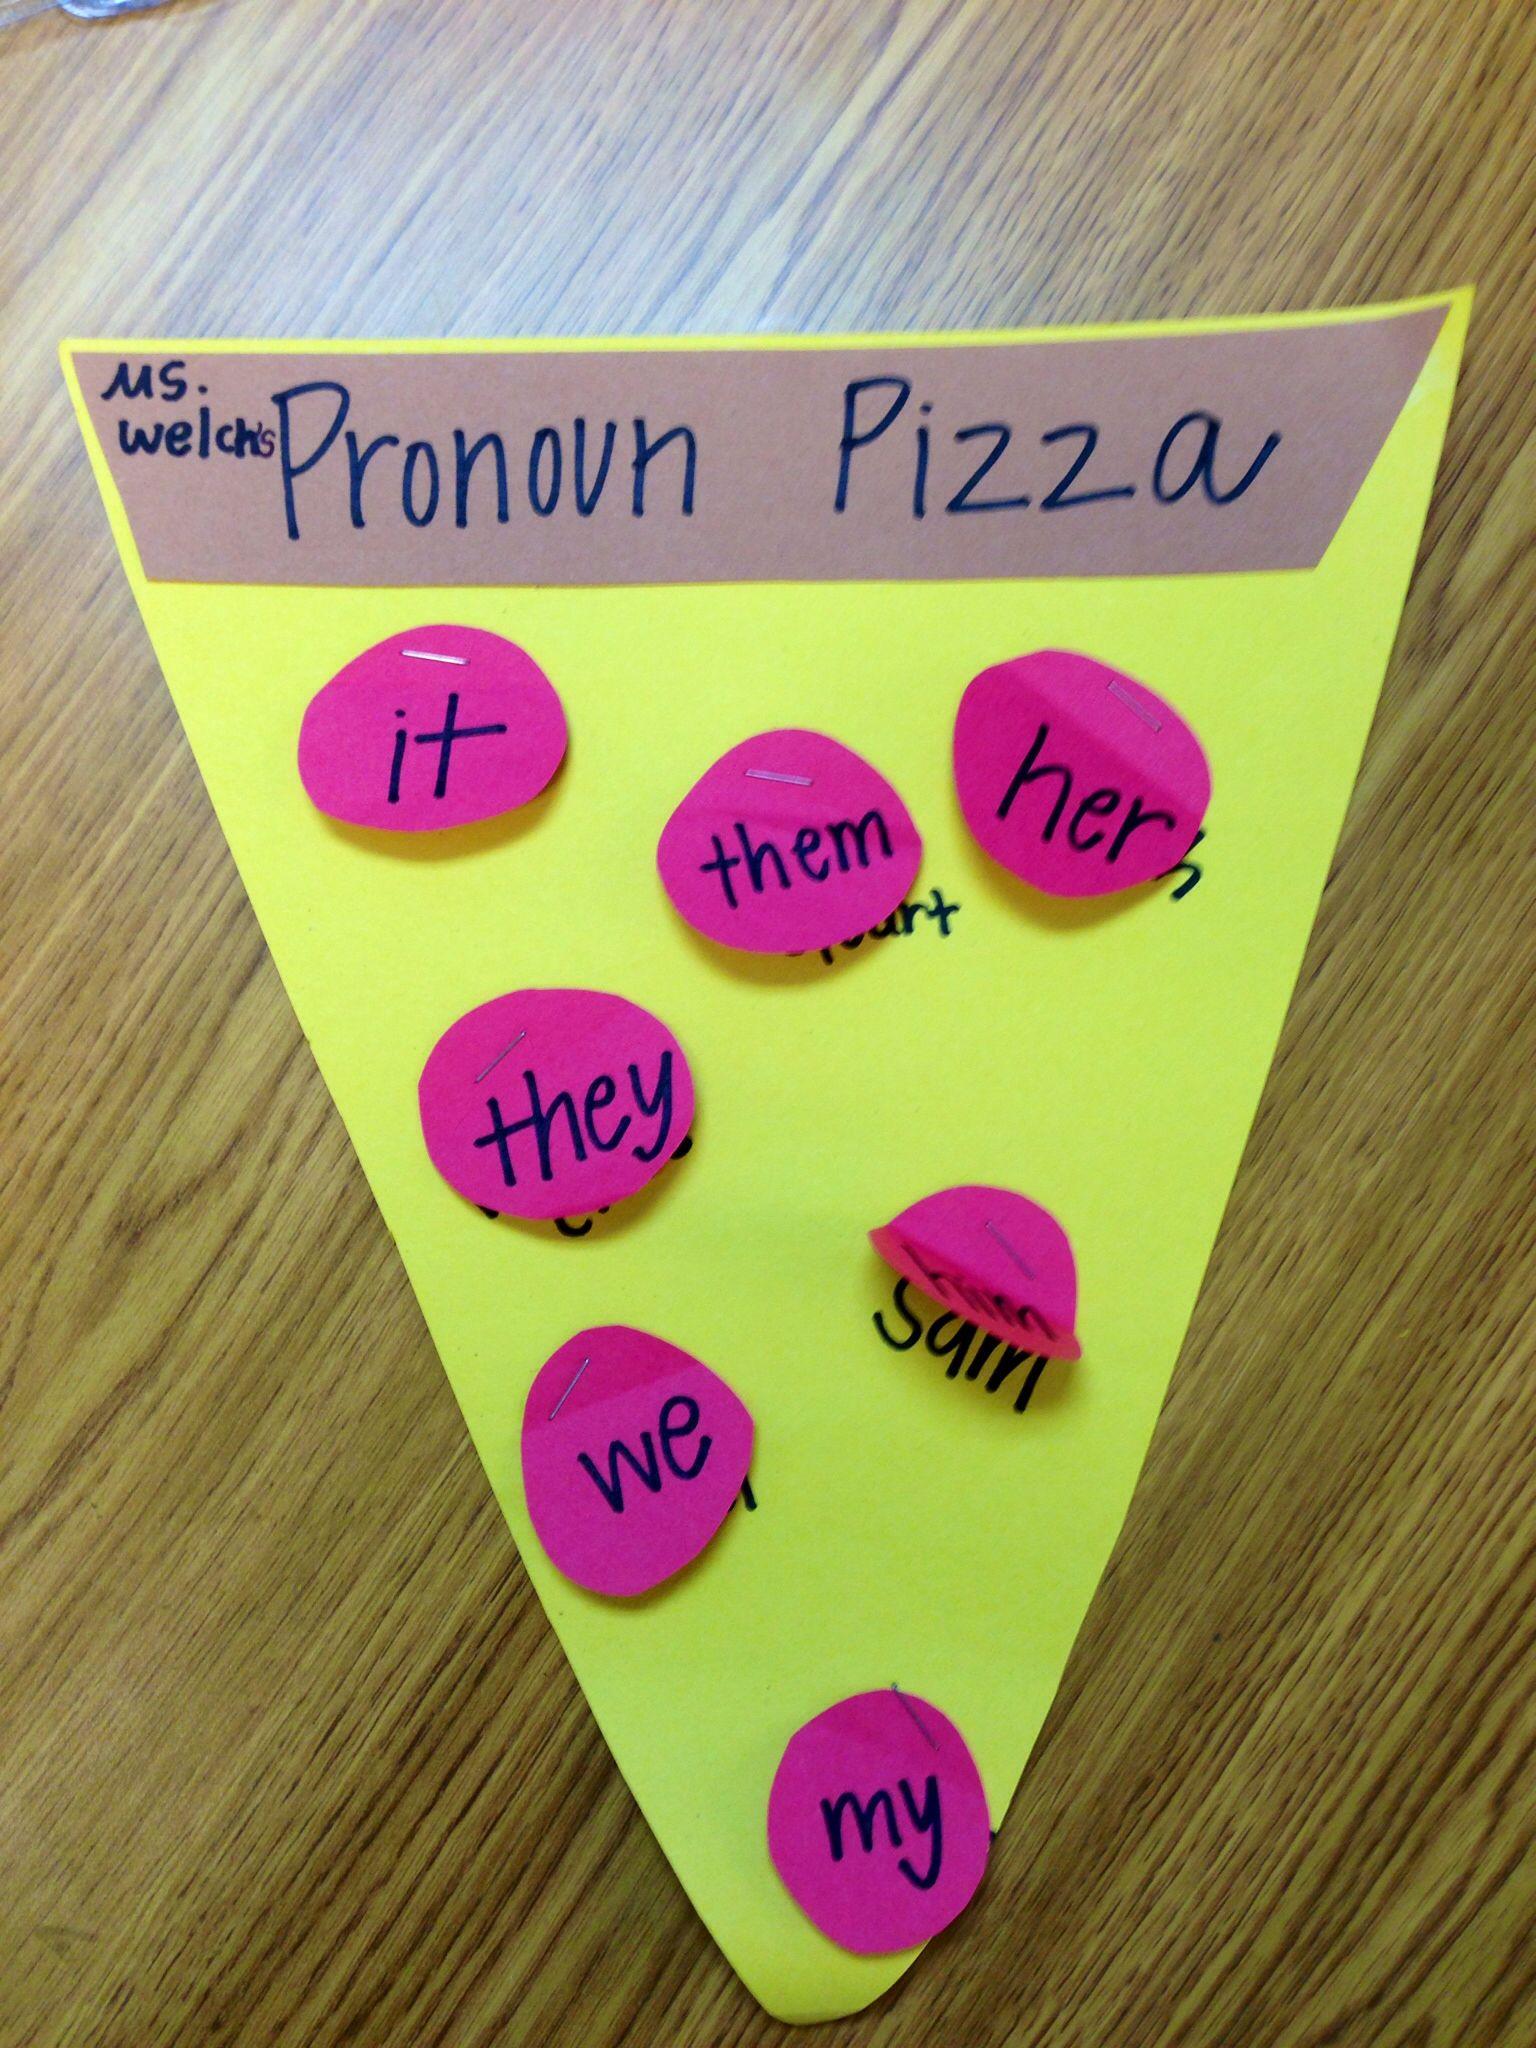 Pronoun Pizza Pronoun Activities Teaching Pronouns Pronoun Lesson Plan [ 2048 x 1536 Pixel ]